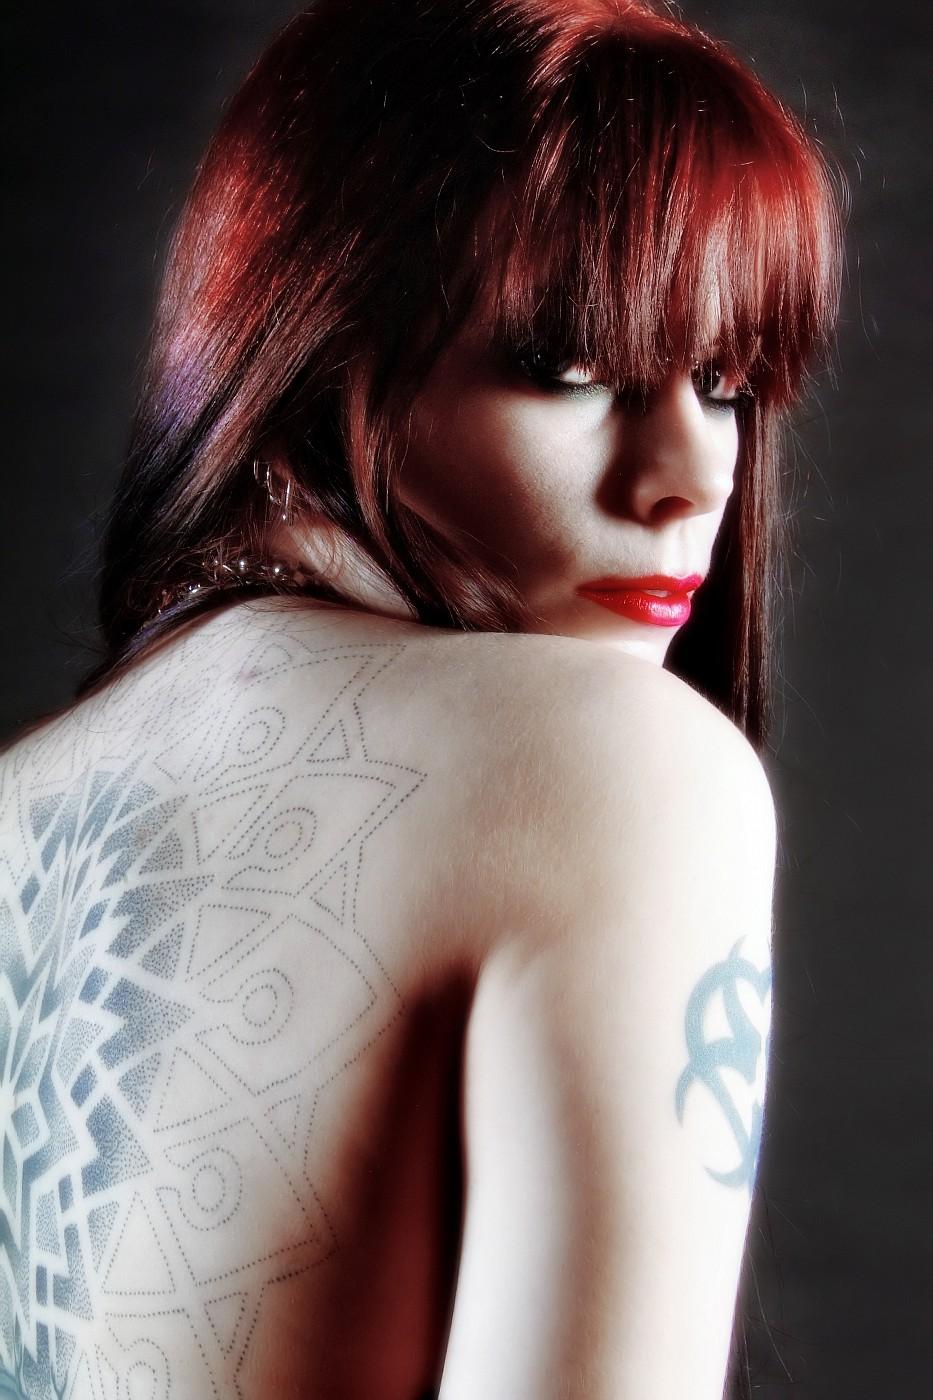 http://images9.fotki.com/v450/photos/3/721213/8552881/Amanda_8782-vi.jpg